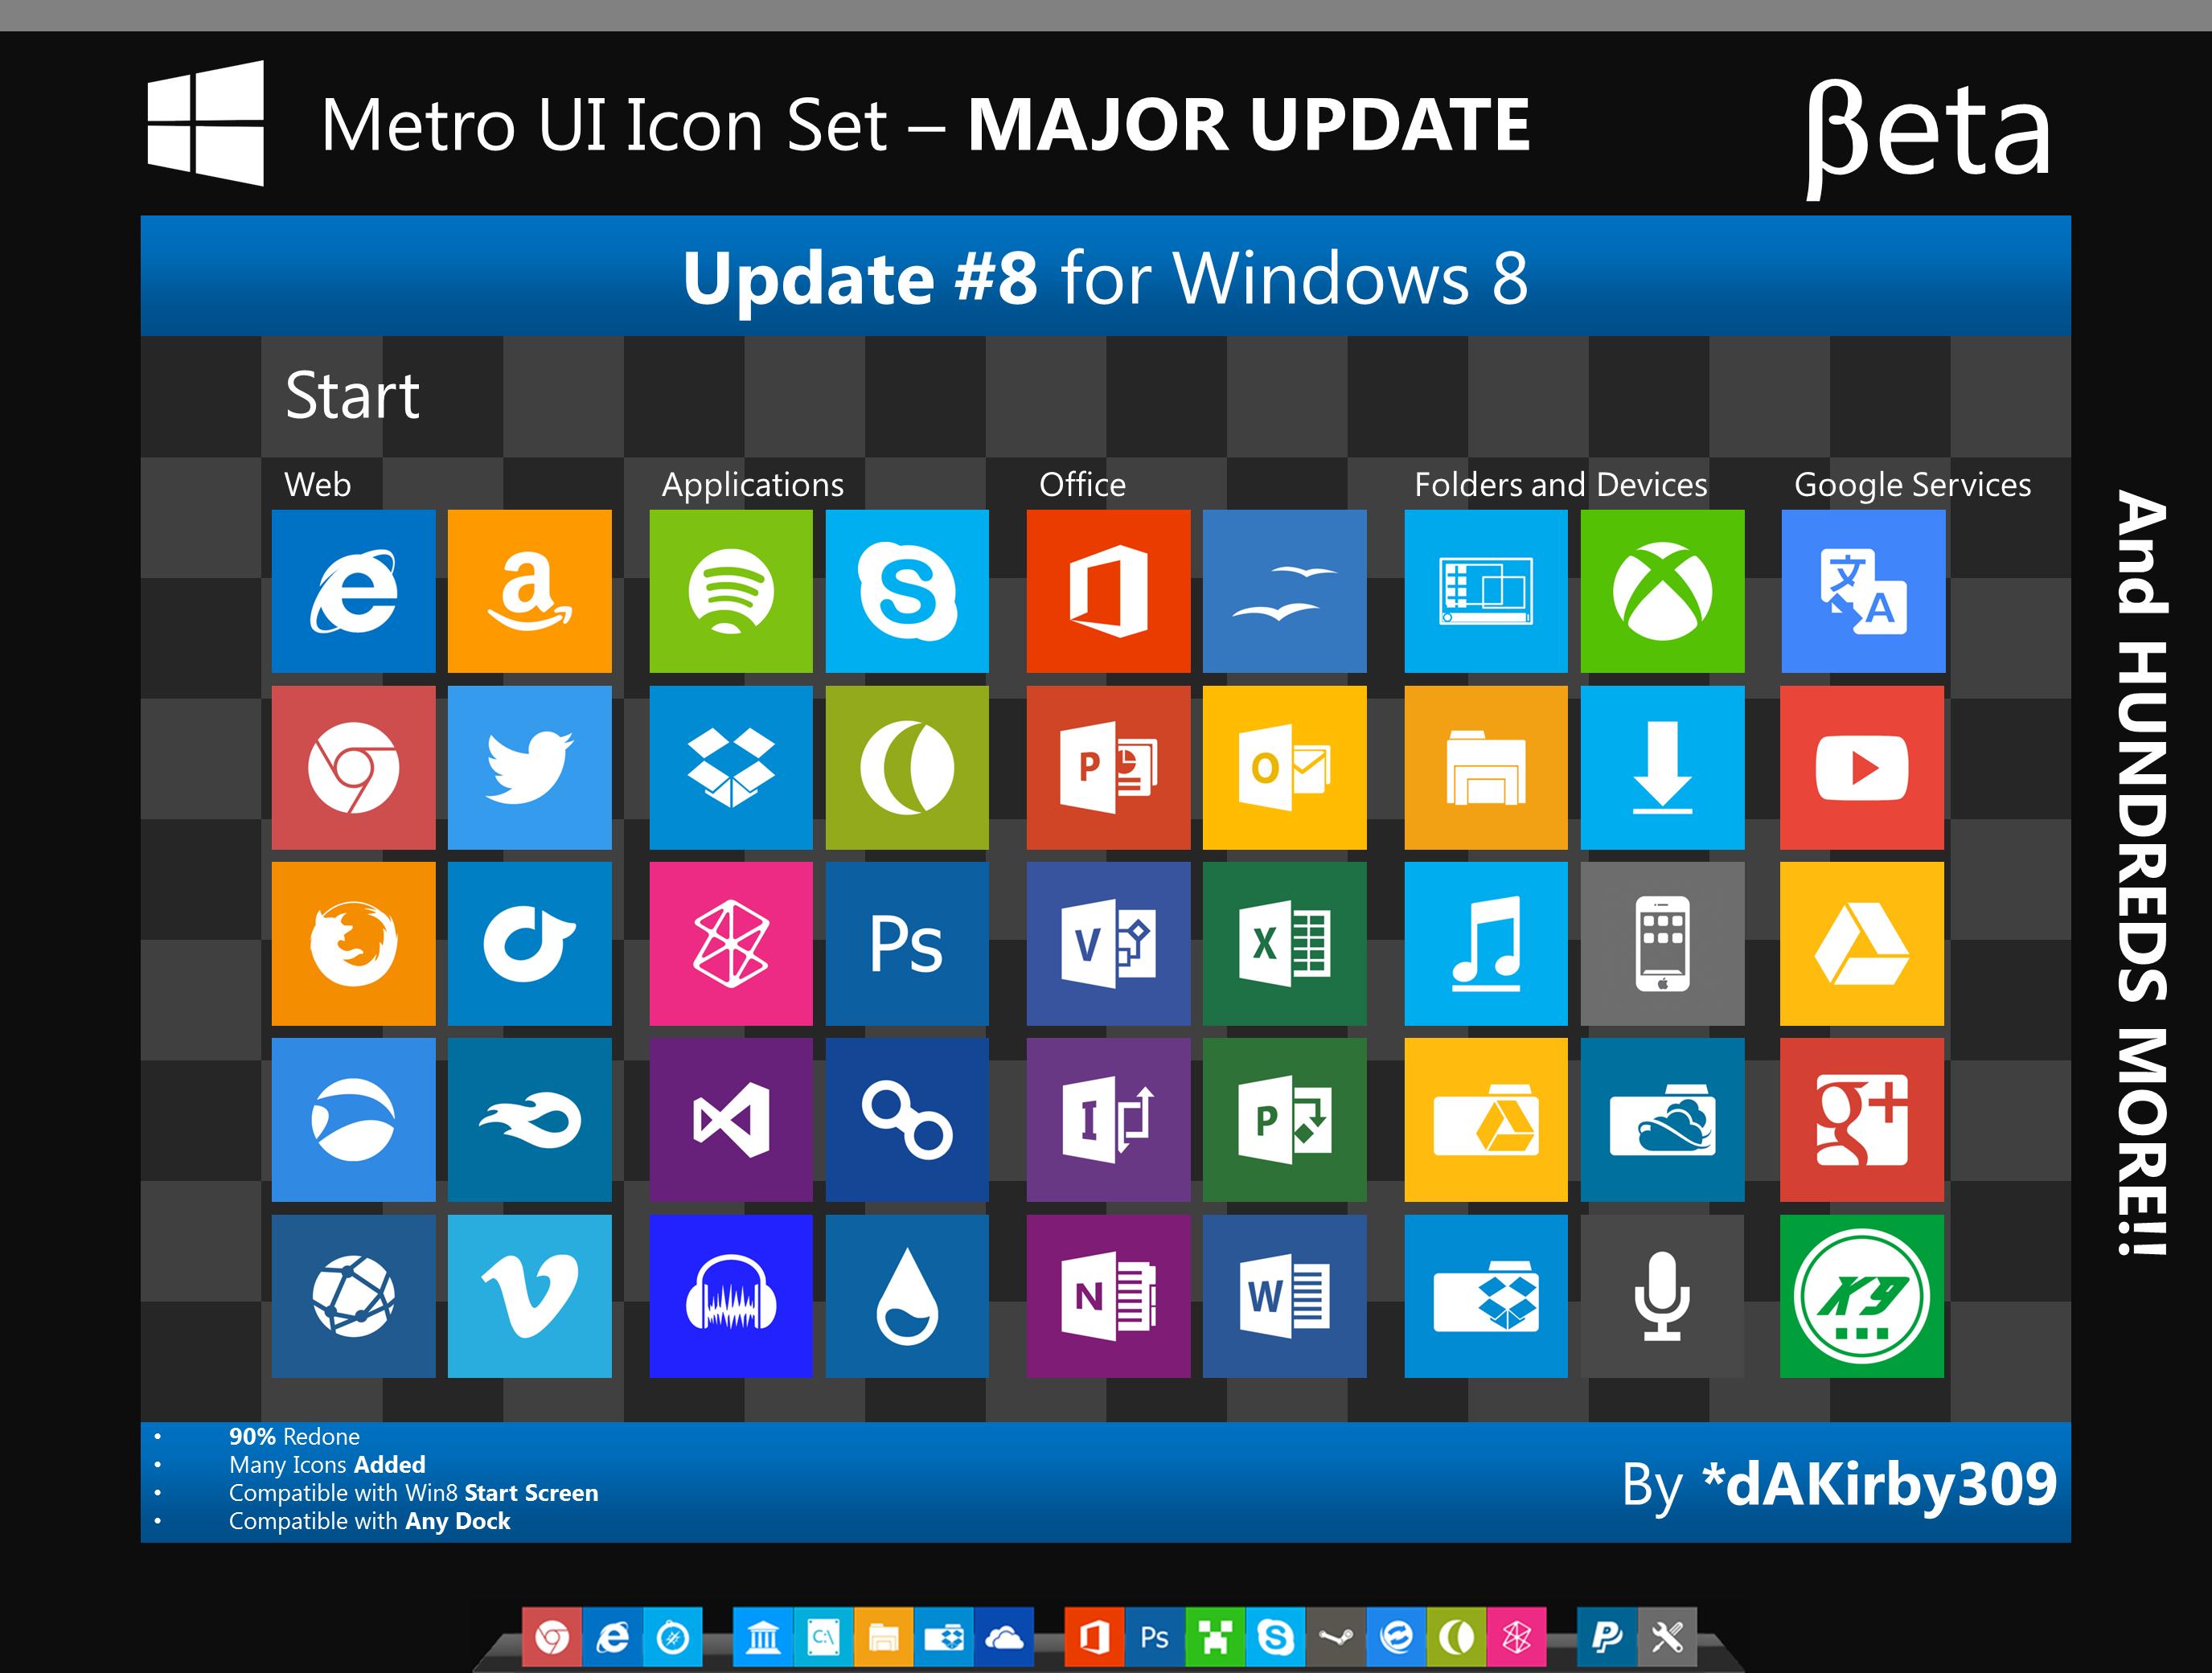 600 Iconos Estilo Metro Windows 8 Para Descargar ITank Tanque De Ideas